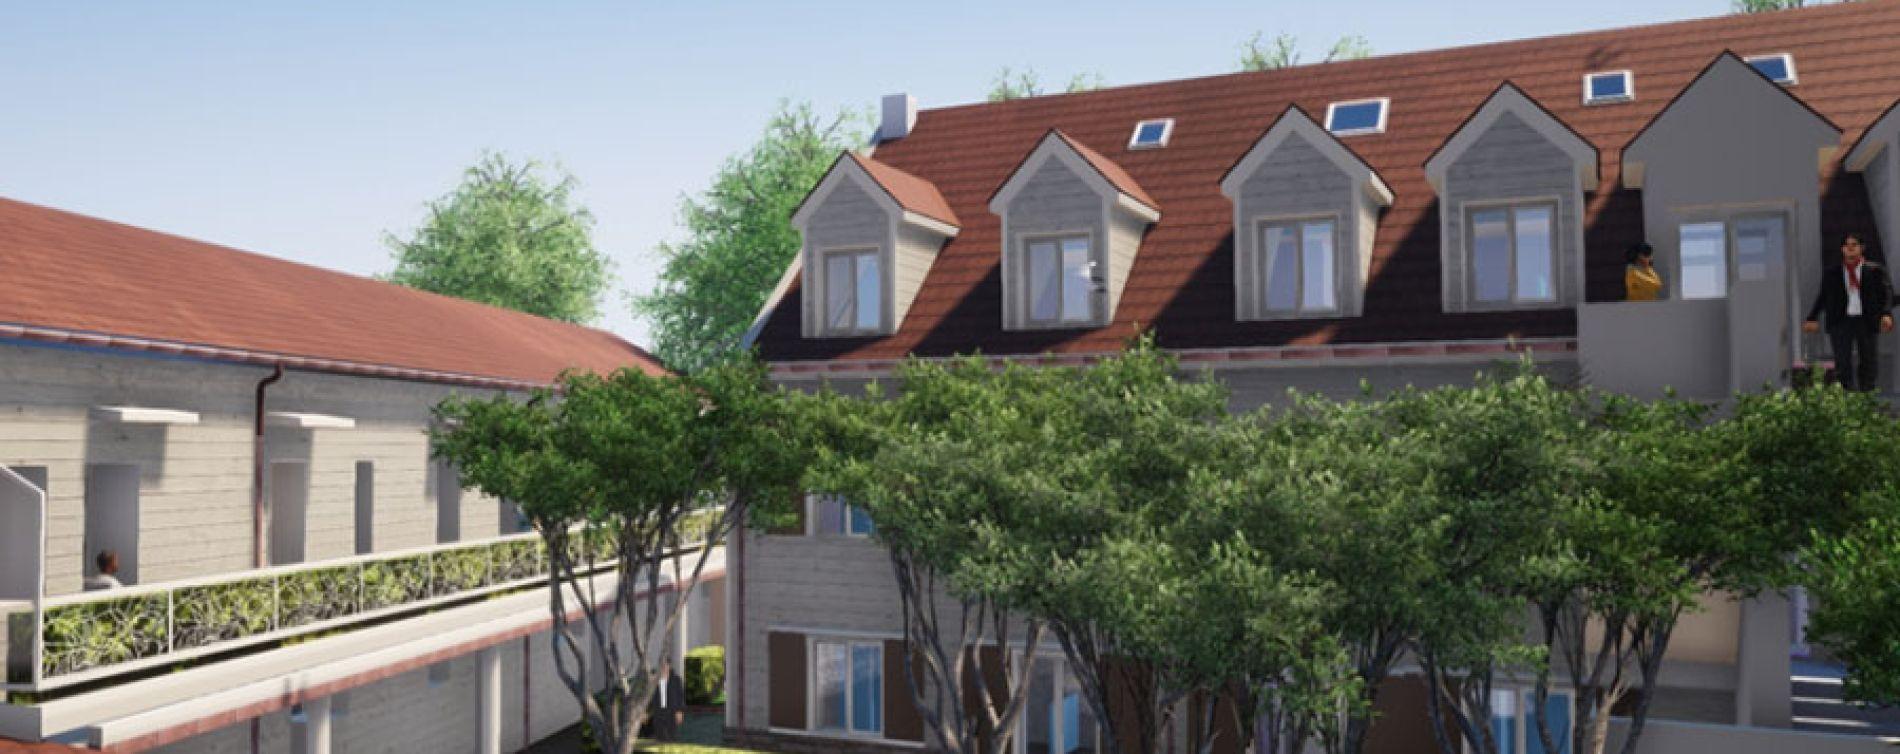 Chelles : programme immobilier à rénover « Bâtiment D - 10 Rue de Gournay » en Déficit Foncier (3)